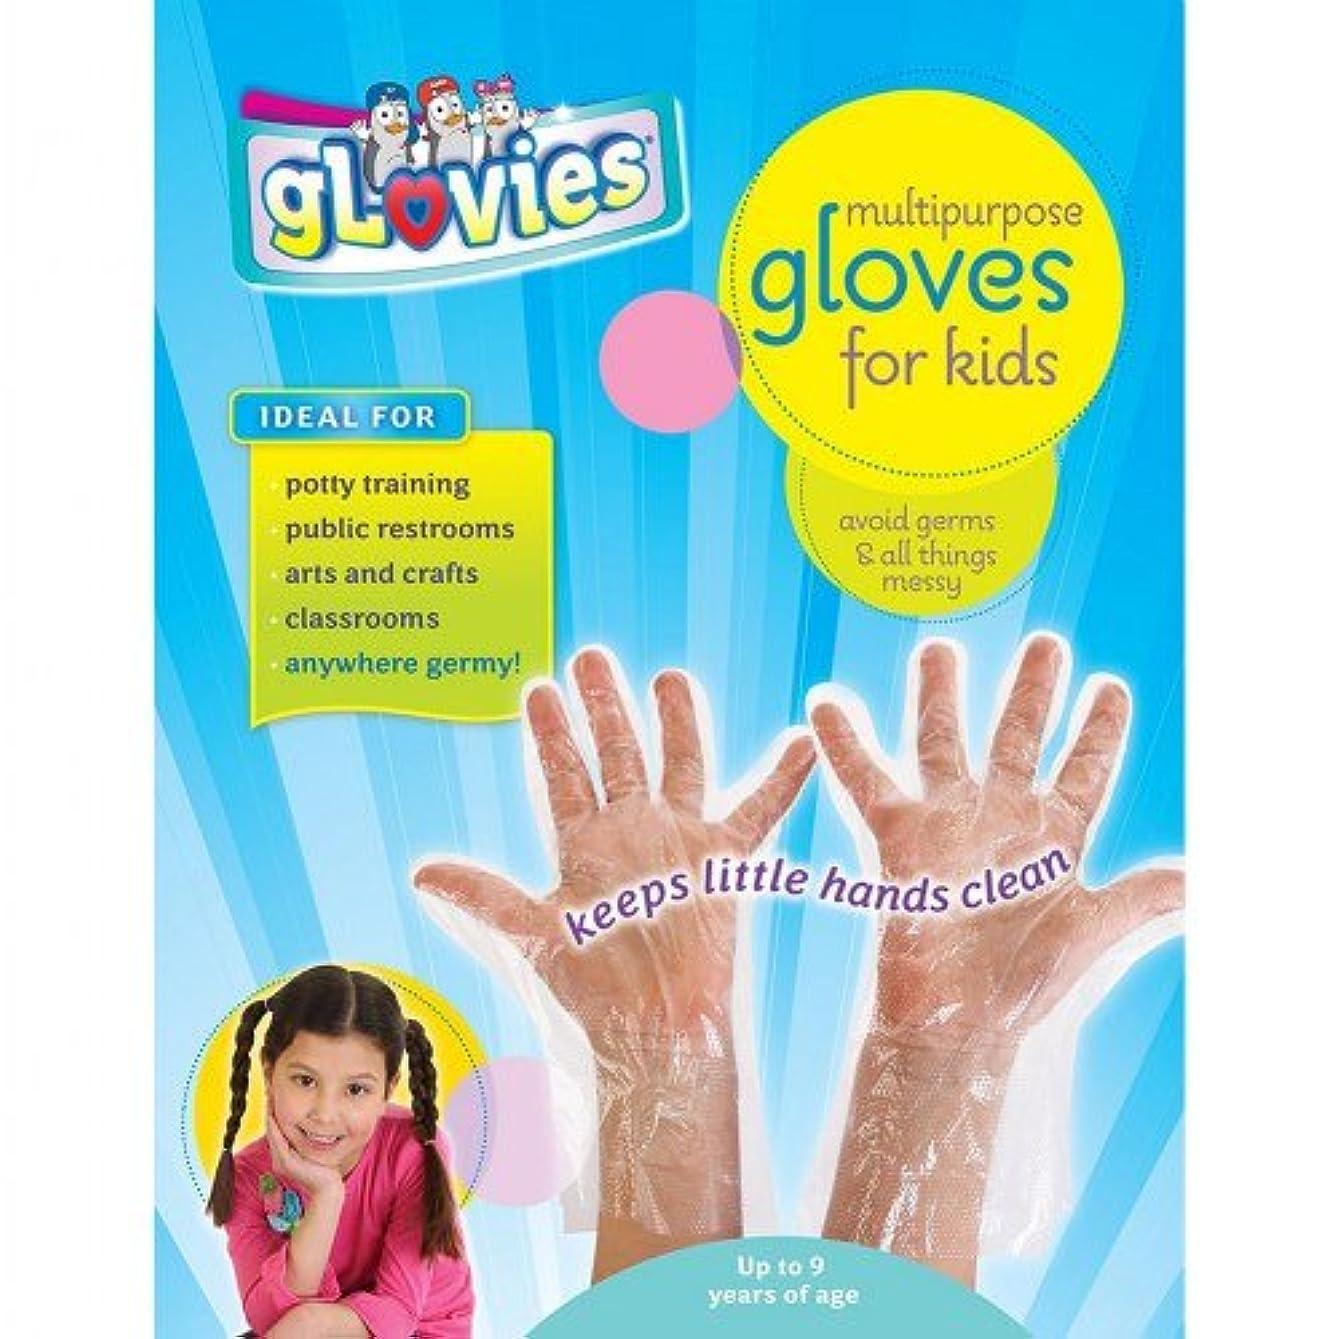 非アクティブ目の前のトリプルGlovies Multipurpose LATEX-FREE DISPOSABLE Gloves for Kids (100 Count) by gLovies 100 Count Gloves